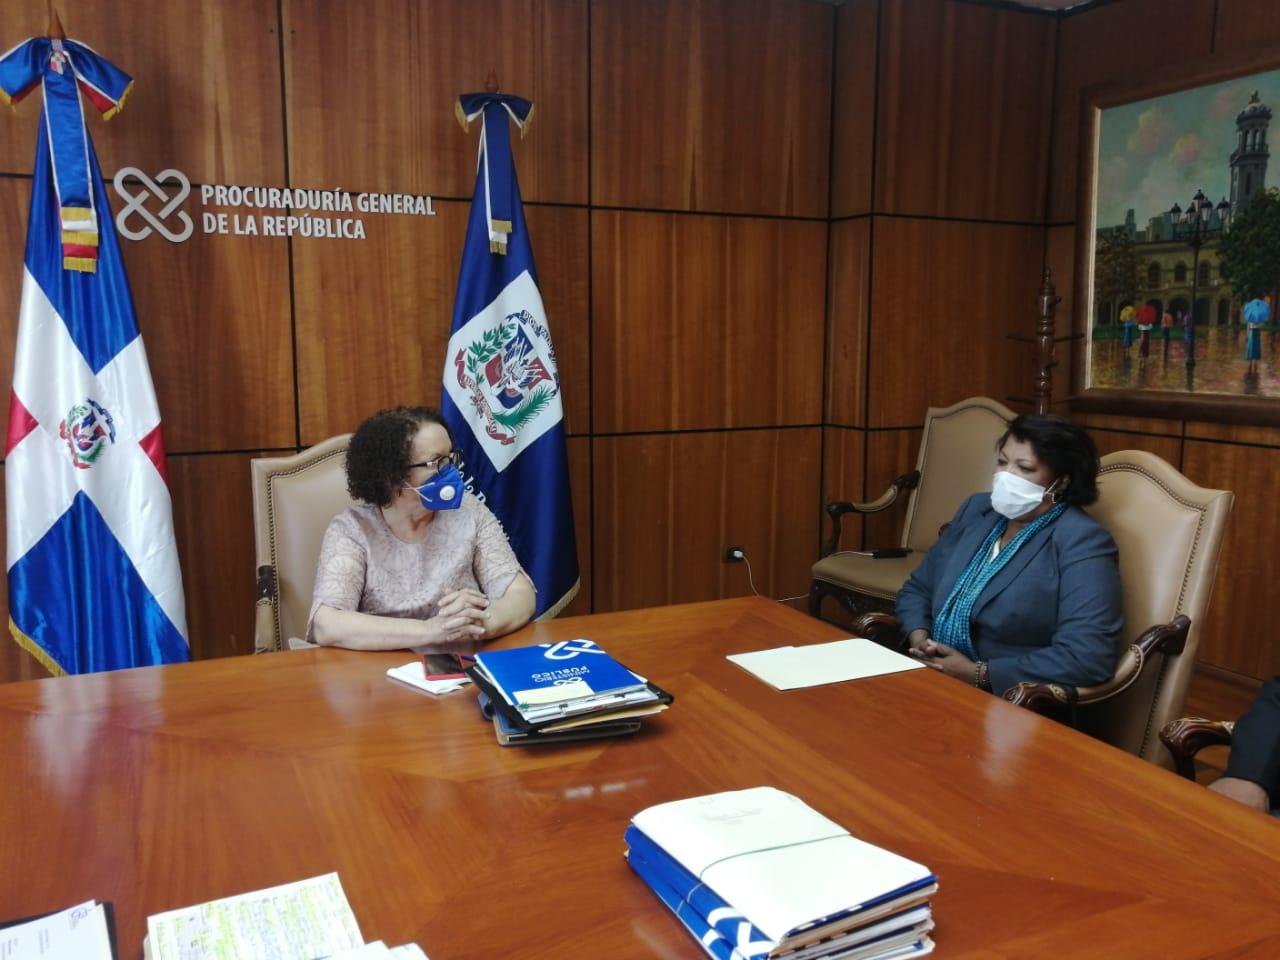 Procuradora Miriam Germán recibe comisión del  Colegio Dominicano de Periodistas